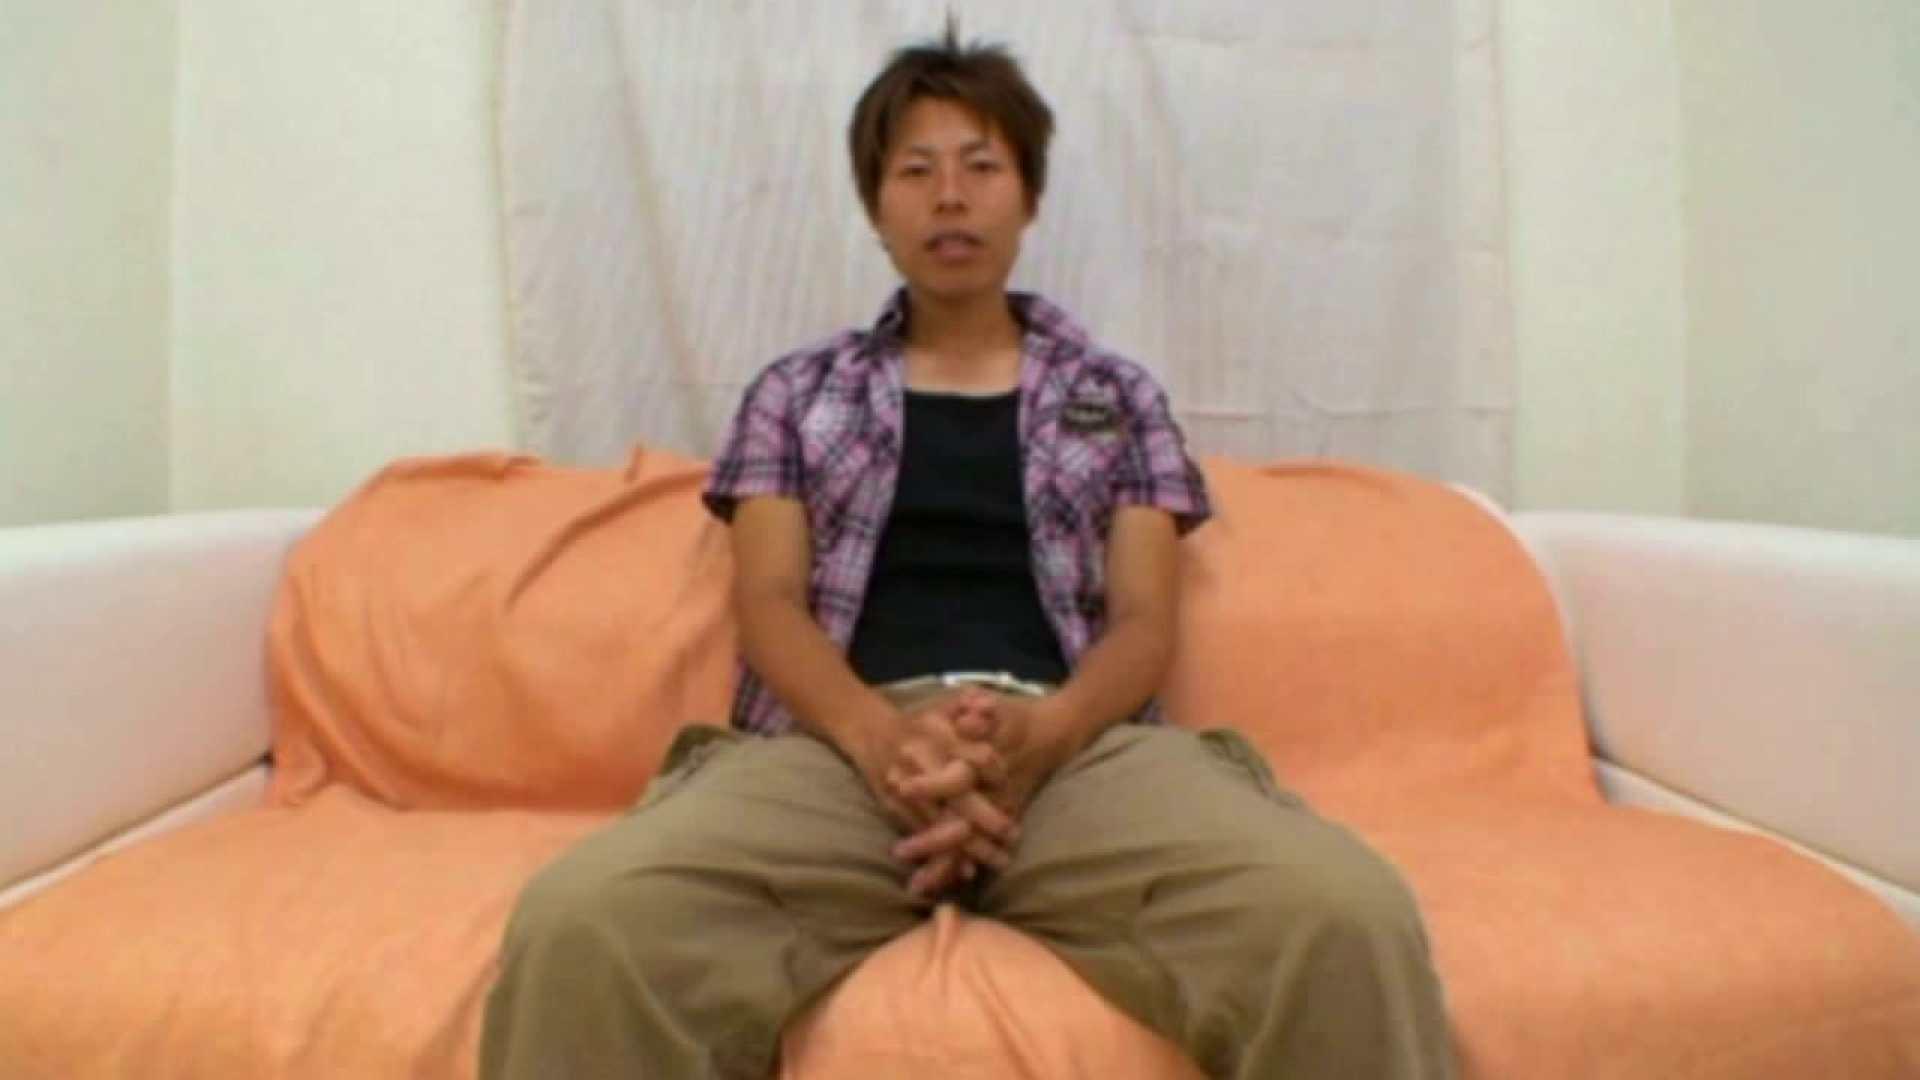 ノンケ!自慰スタジオ No.10 オナニー アダルトビデオ画像キャプチャ 113枚 86